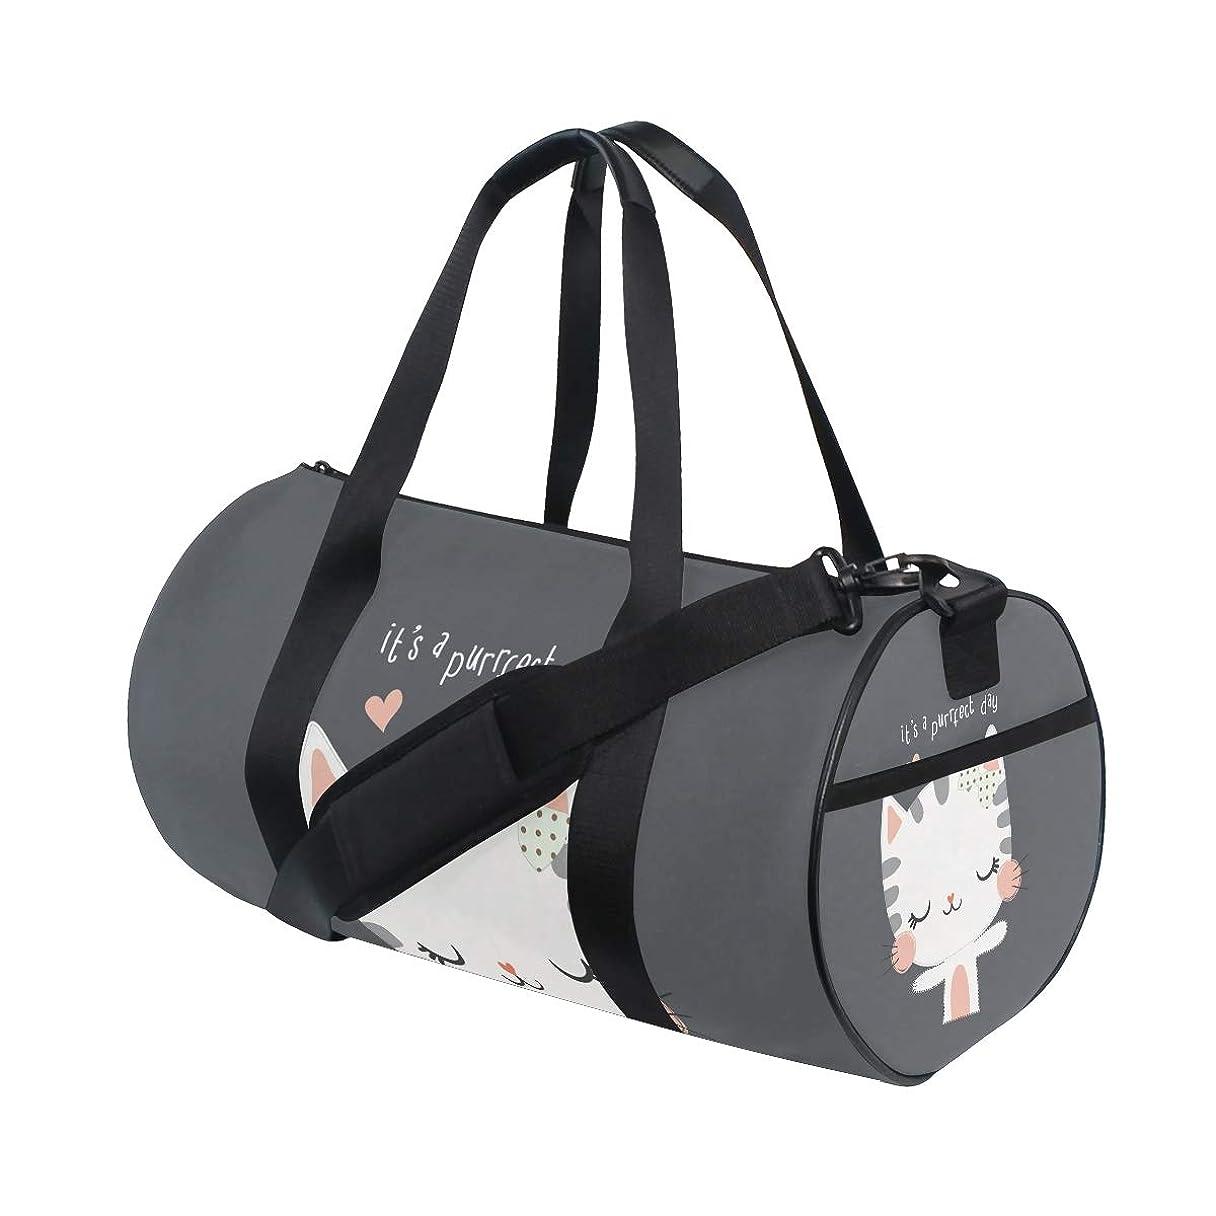 花に水をやるあまりにもコントラストスポーツバッグ ボストンバッグ 猫 かわいい ジム 運動 収納 大容量 靴収納 多機能 ショルダーバッグ ファスナー ポケット付き 旅行 2WAY